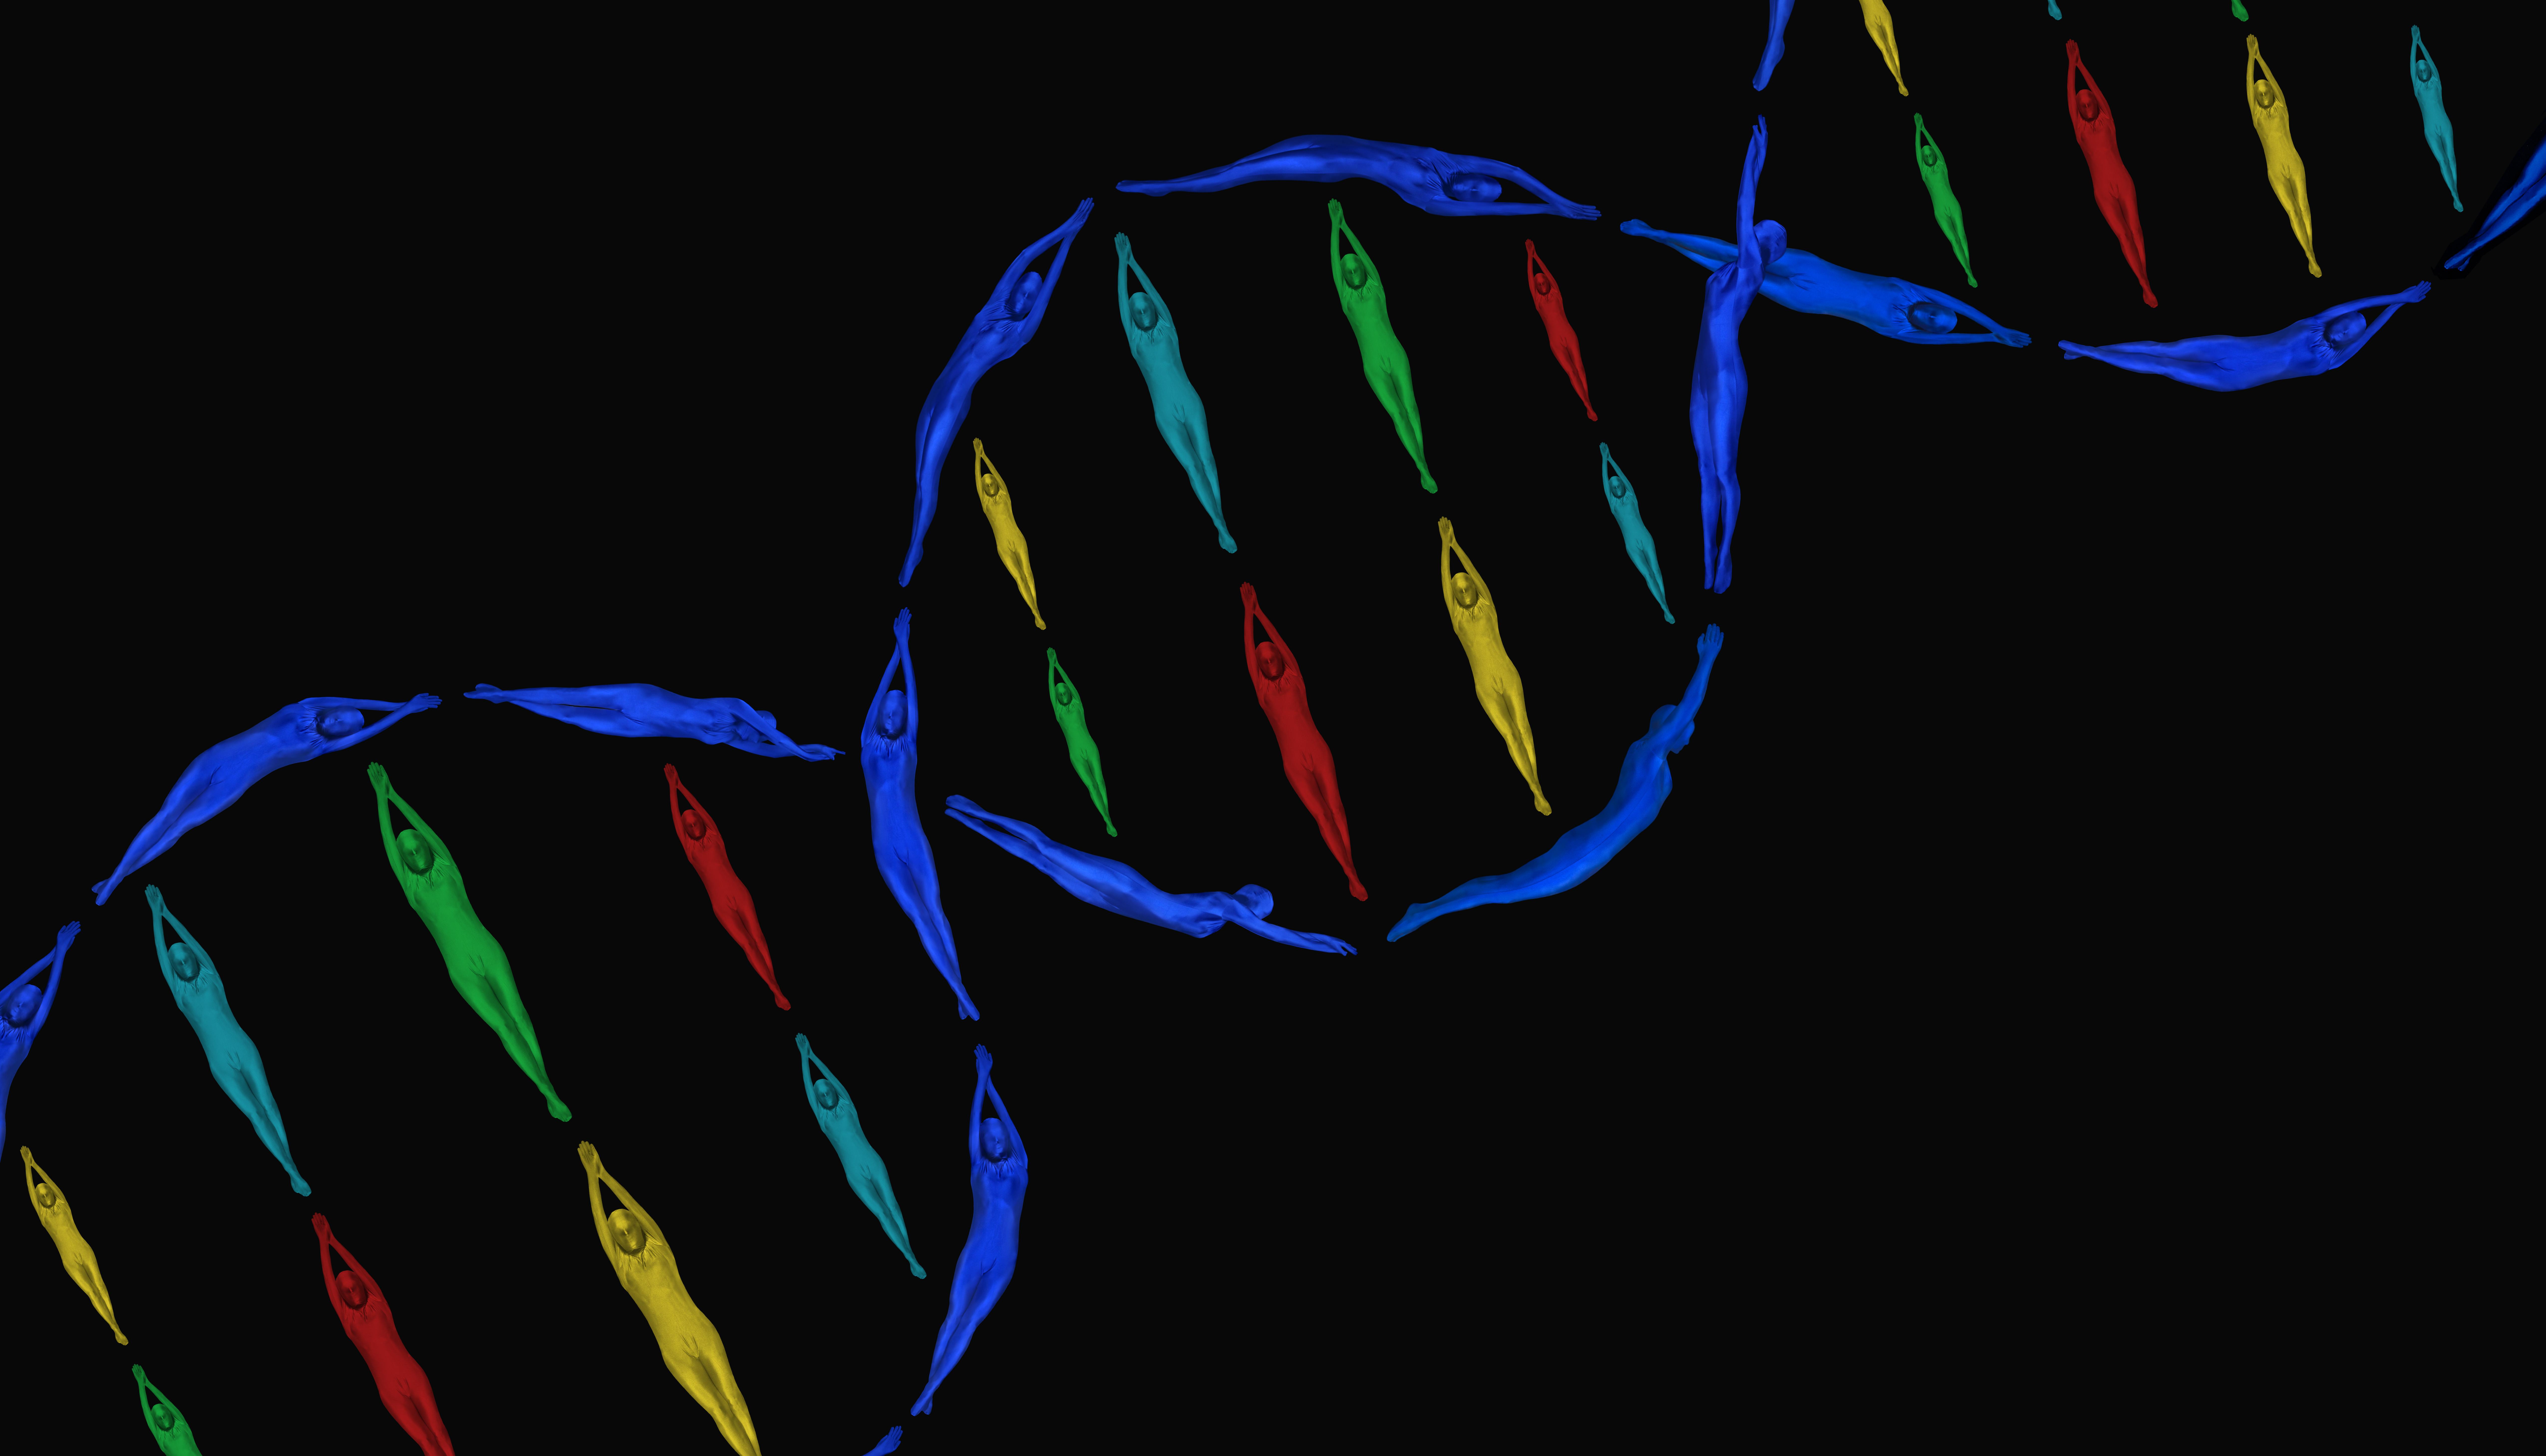 DNA_Helix_2.jpg